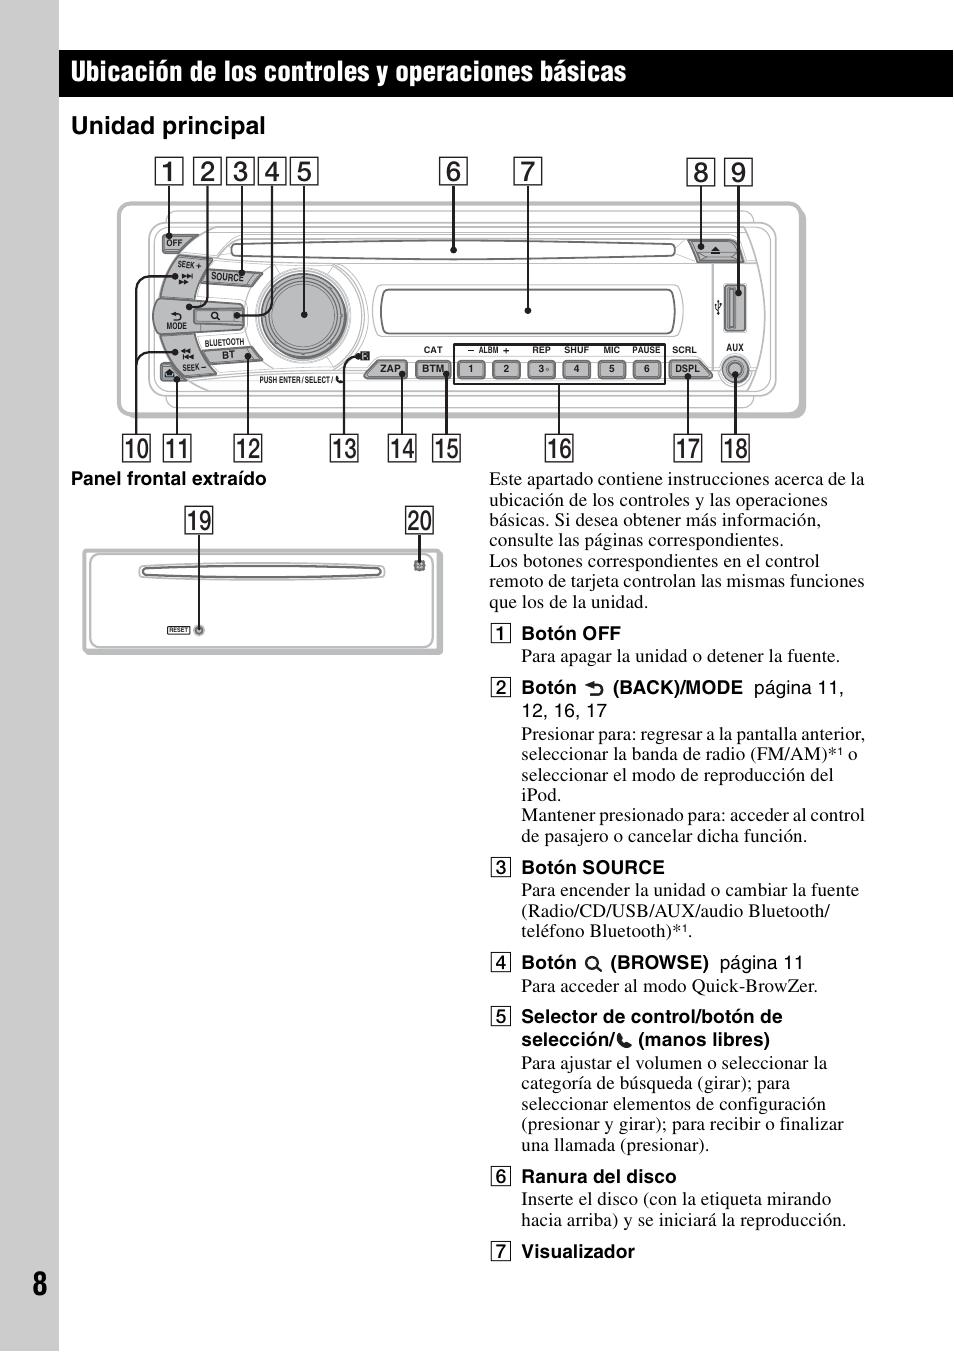 sony mex bt3700u wiring harness ubicaci  n de los controles y operaciones b  sicas  unidad principal  unidad principal